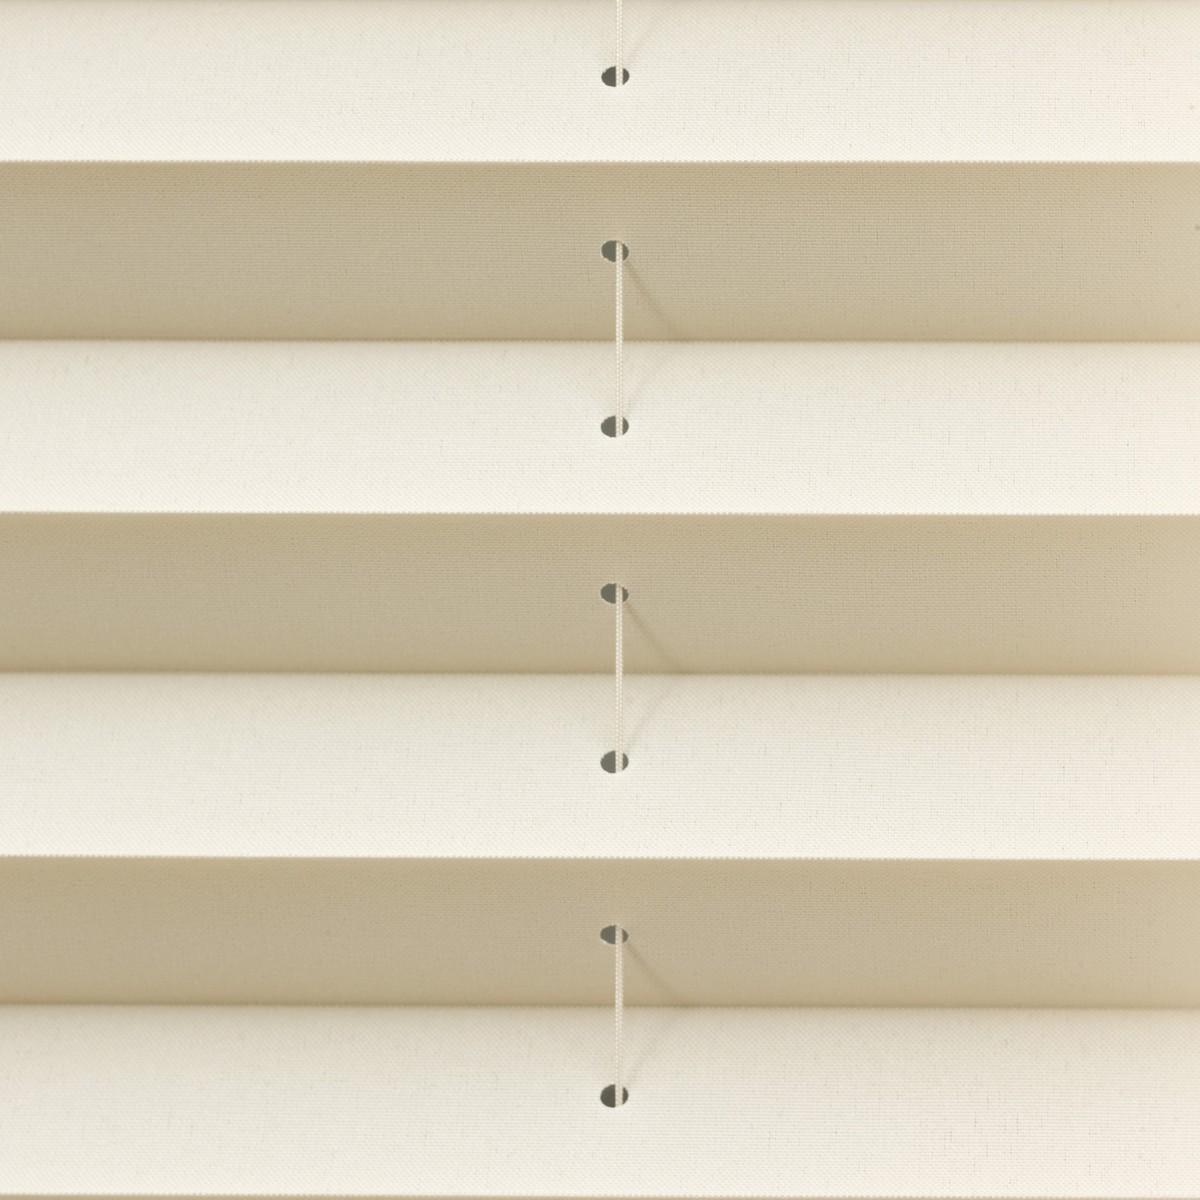 Bild 2 von Powertec Klemmfix-Plissee, ca. 200 x 80 cm, caffe latte